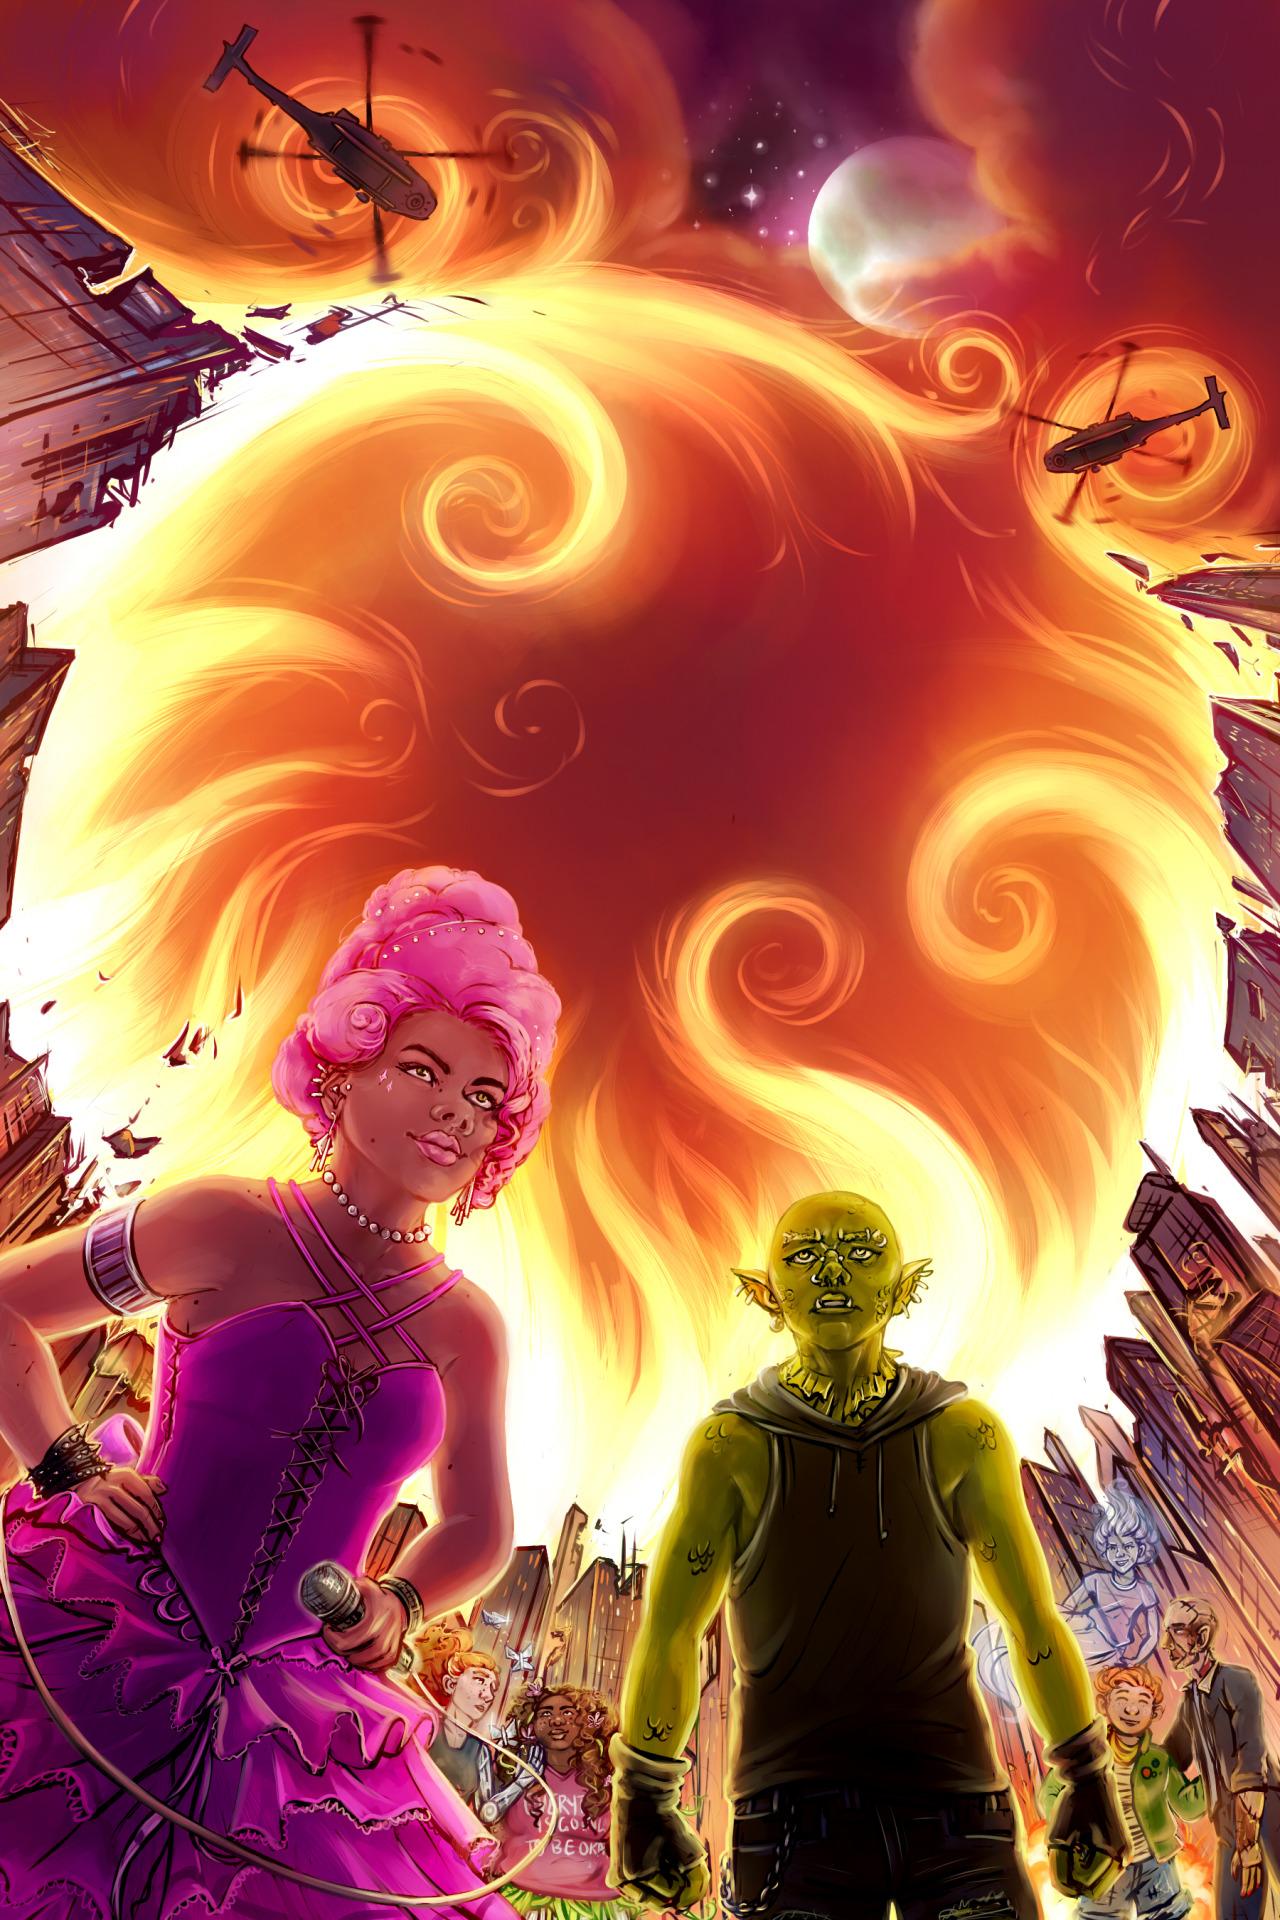 Chameleon Moon cover art